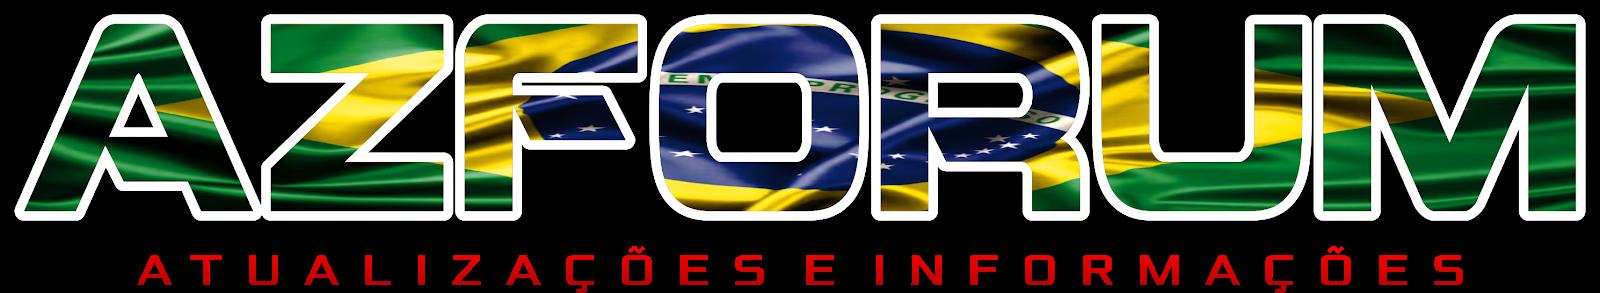 Az Fórum | Atualizações e Informações